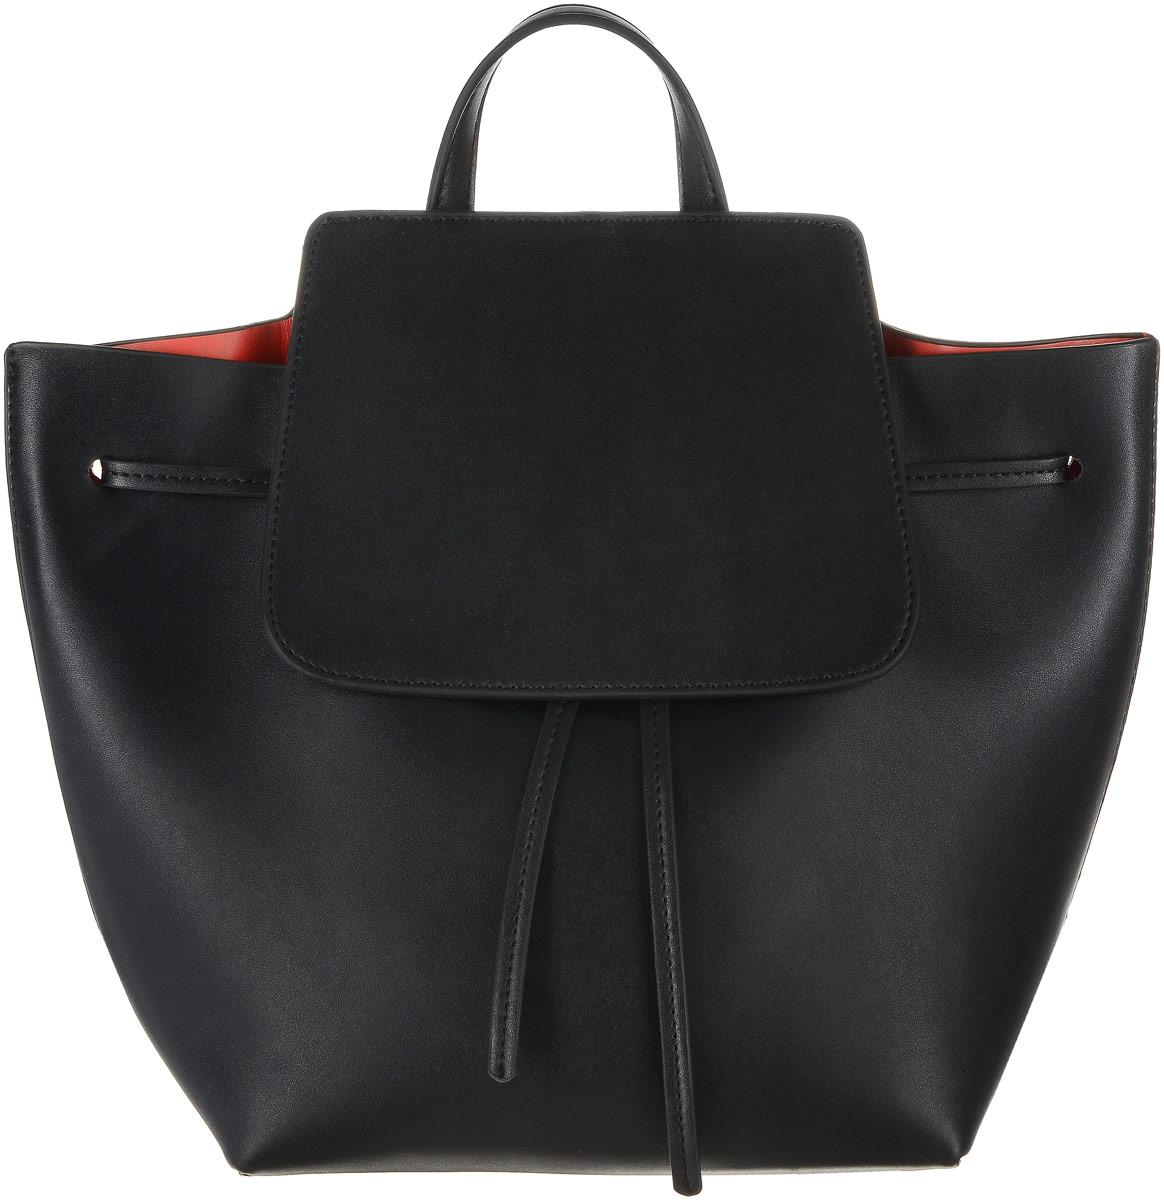 Рюкзак женский Vitacci, цвет: черный. HG0011HG0011Стильный женский рюкзак Vitacci выполнен из искусственной кожи. Рюкзак имеет одно основное отделение, которое закрывается на затягивающийся шнурок и клапан с магнитной кнопкой. Внутри карман на застежке-молнии. Рюкзак оснащен двумя регулируемыми по длине лямками и петлей для подвешивания.